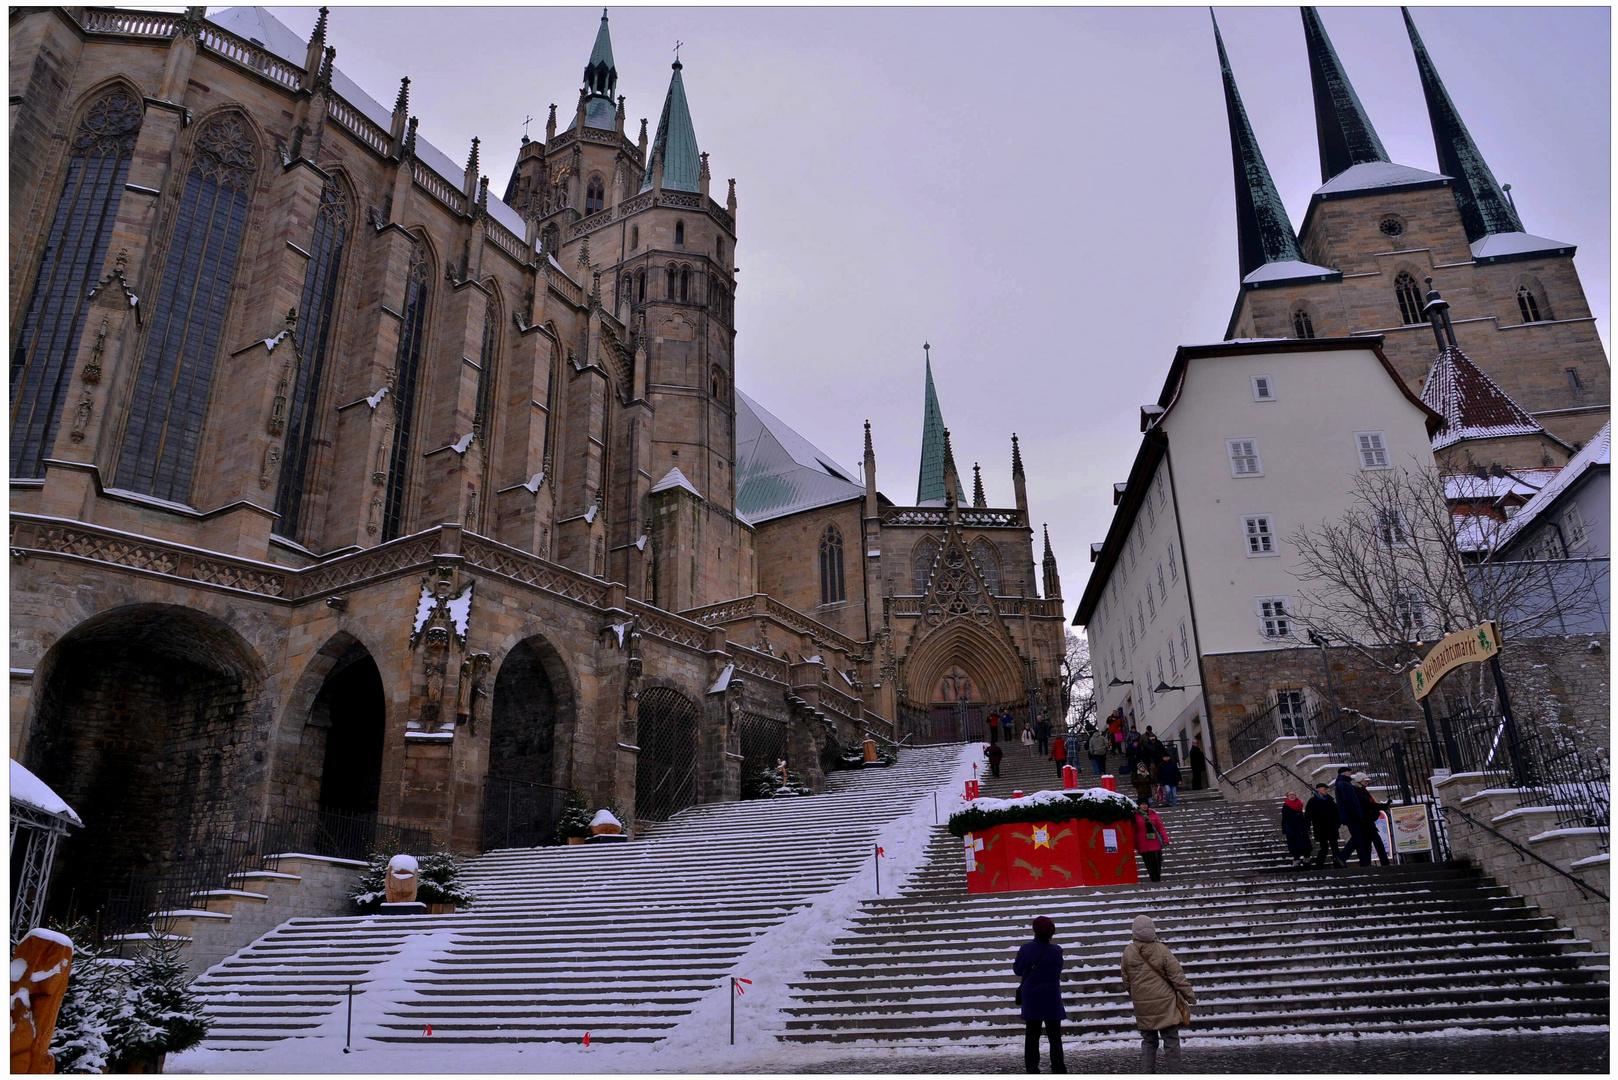 estar de visita en Erfurt, 6 (Besuch in Erfurt, 6)